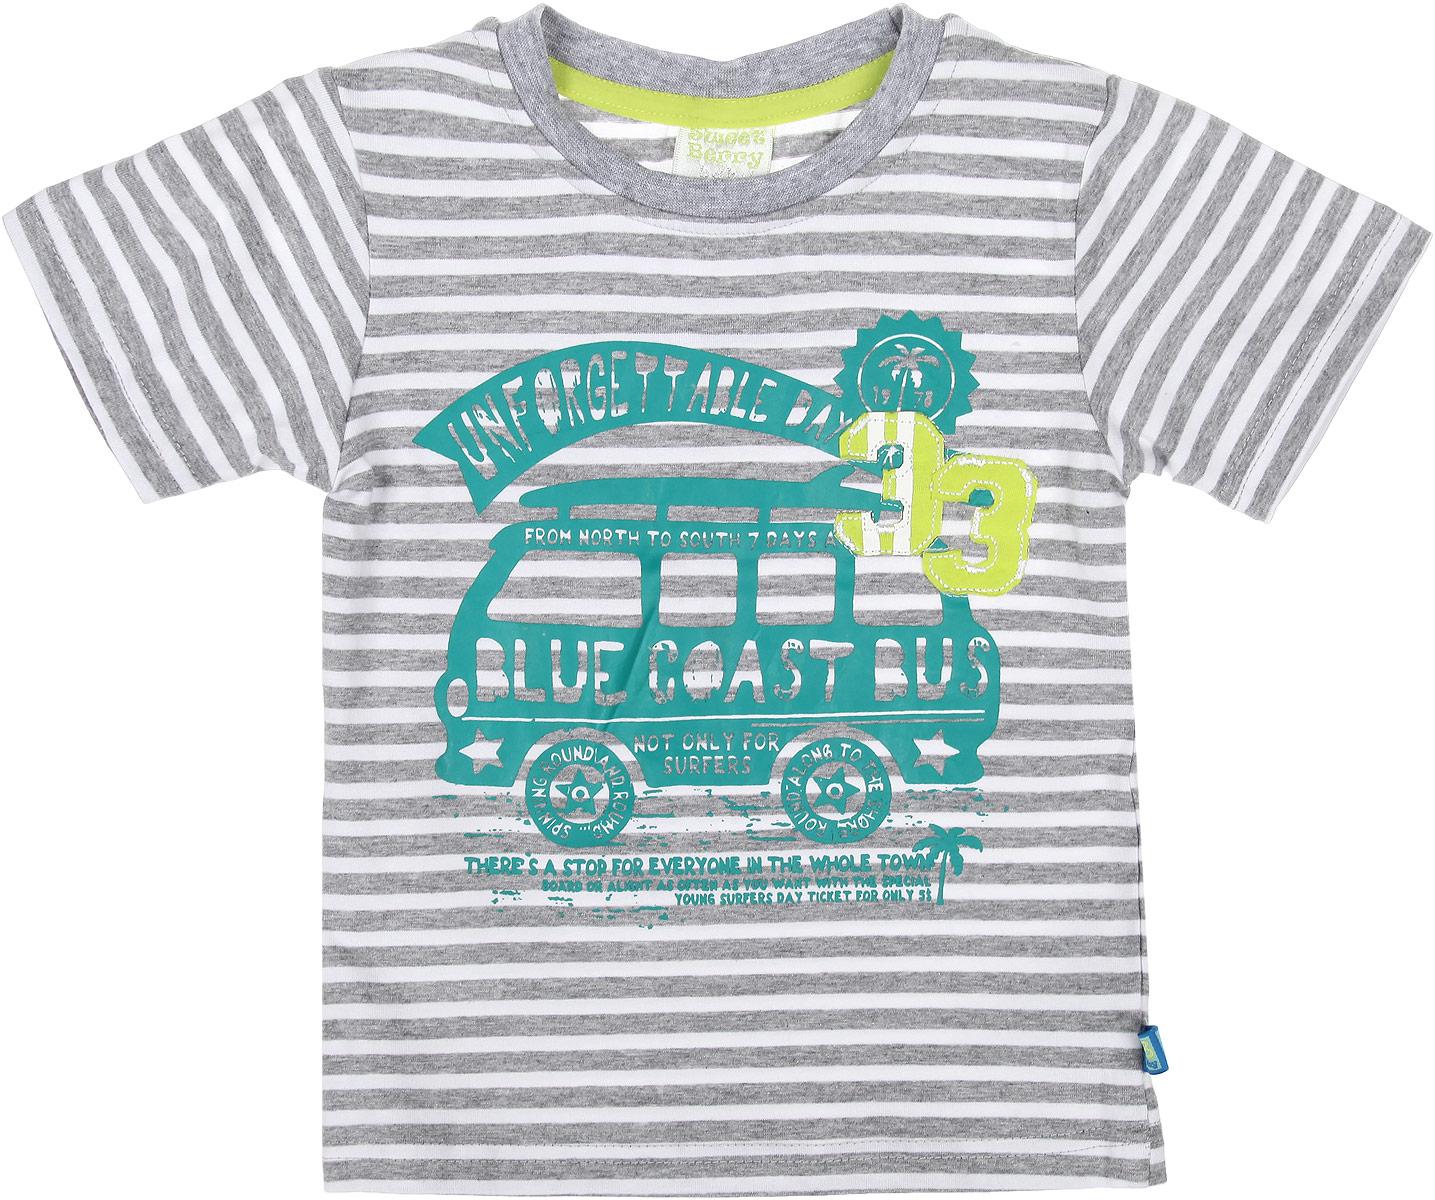 Футболка для мальчика. 196140196140Оригинальная футболка для мальчика Sweet Berry идеально подойдет вашему маленькому непоседе. Изготовленная из хлопка с небольшим добавлением эластана, она необычайно мягкая и приятная на ощупь, не сковывает движения и позволяет коже дышать, не раздражает даже самую нежную и чувствительную кожу ребенка, обеспечивая ему наибольший комфорт. Футболка с круглым вырезом горловины оформлена принтом в полоску и термоаппликацией. Вырез горловины дополнен трикотажной эластичной резинкой. Современный дизайн и расцветка делают эту футболку стильным предметом детского гардероба. В ней ваш ребенок будет чувствовать себя уютно и комфортно и всегда будет в центре внимания!